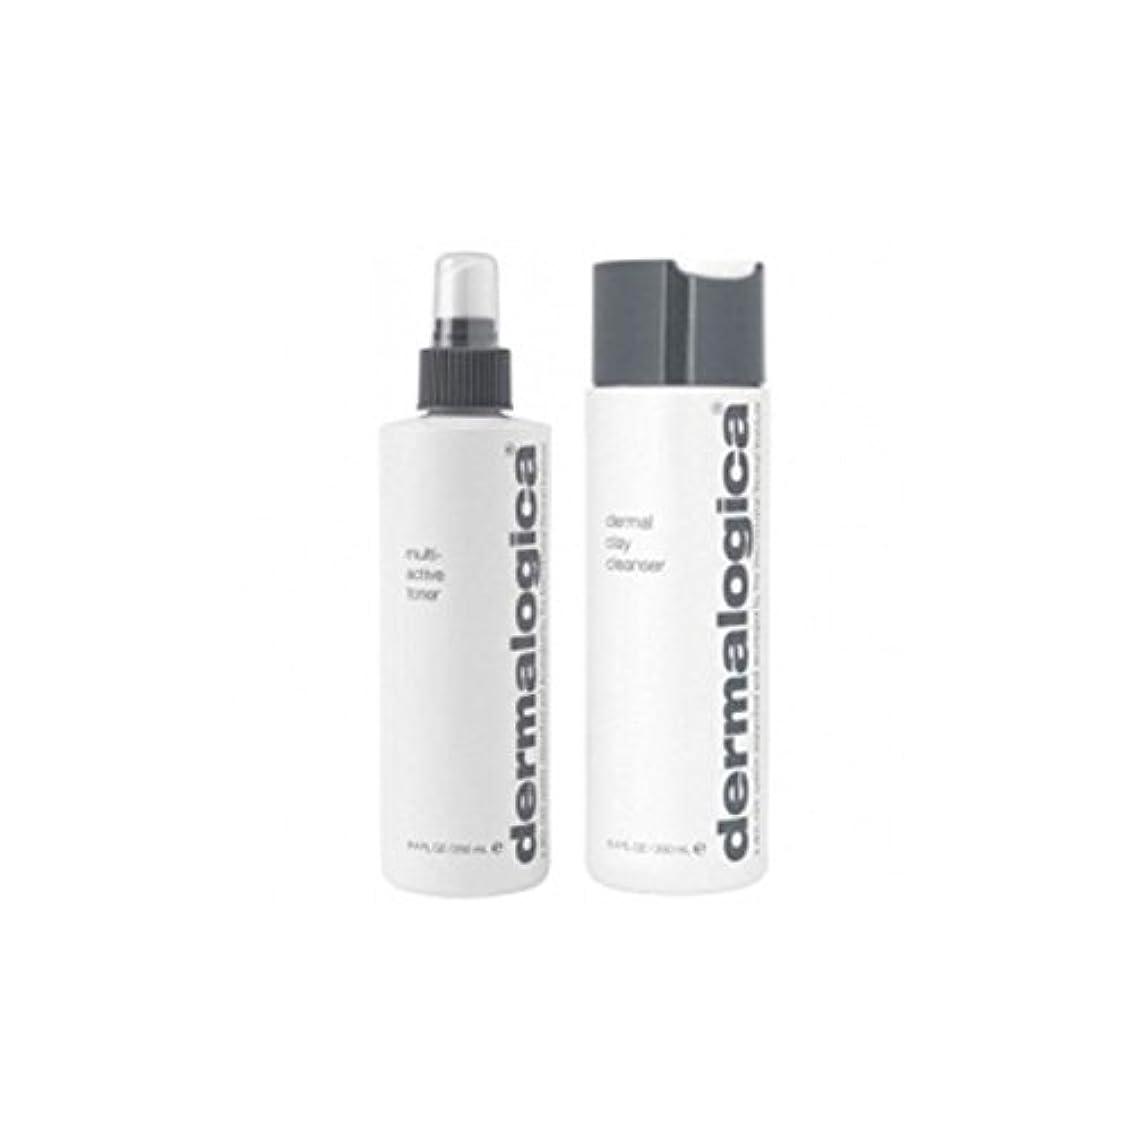 見える洞窟ビリーヤギDermalogica Cleanse & Tone Duo - Oily Skin (2 Products) - ダーマロジカクレンジング&トーンデュオ - 脂性肌(2製品) [並行輸入品]